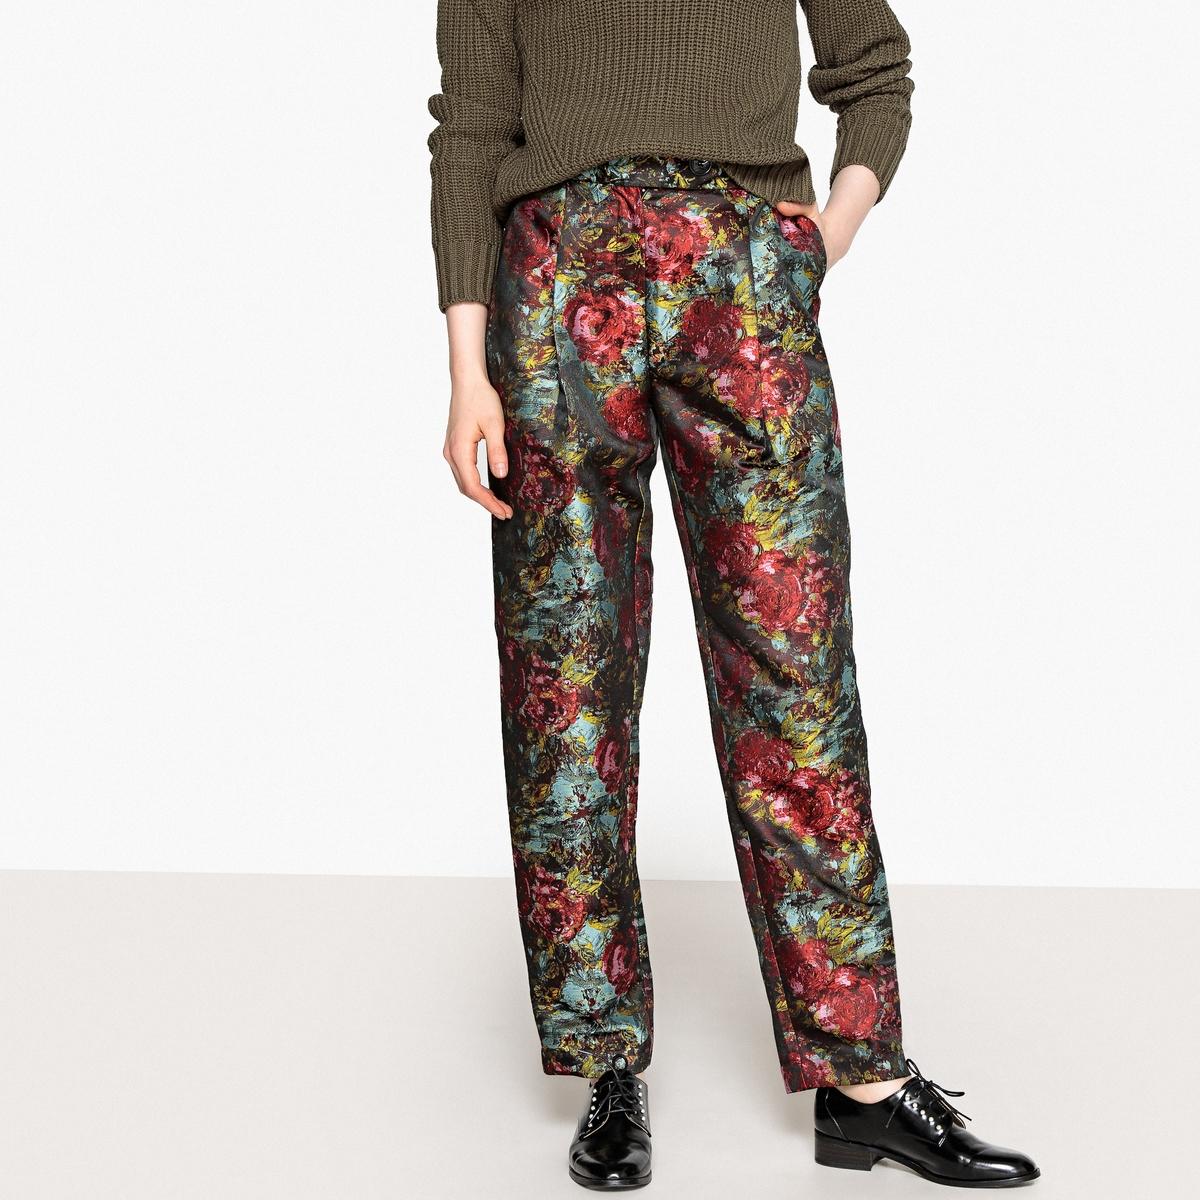 Брюки узкие, дудочки с жаккардовым принтом брюки узкие дудочки